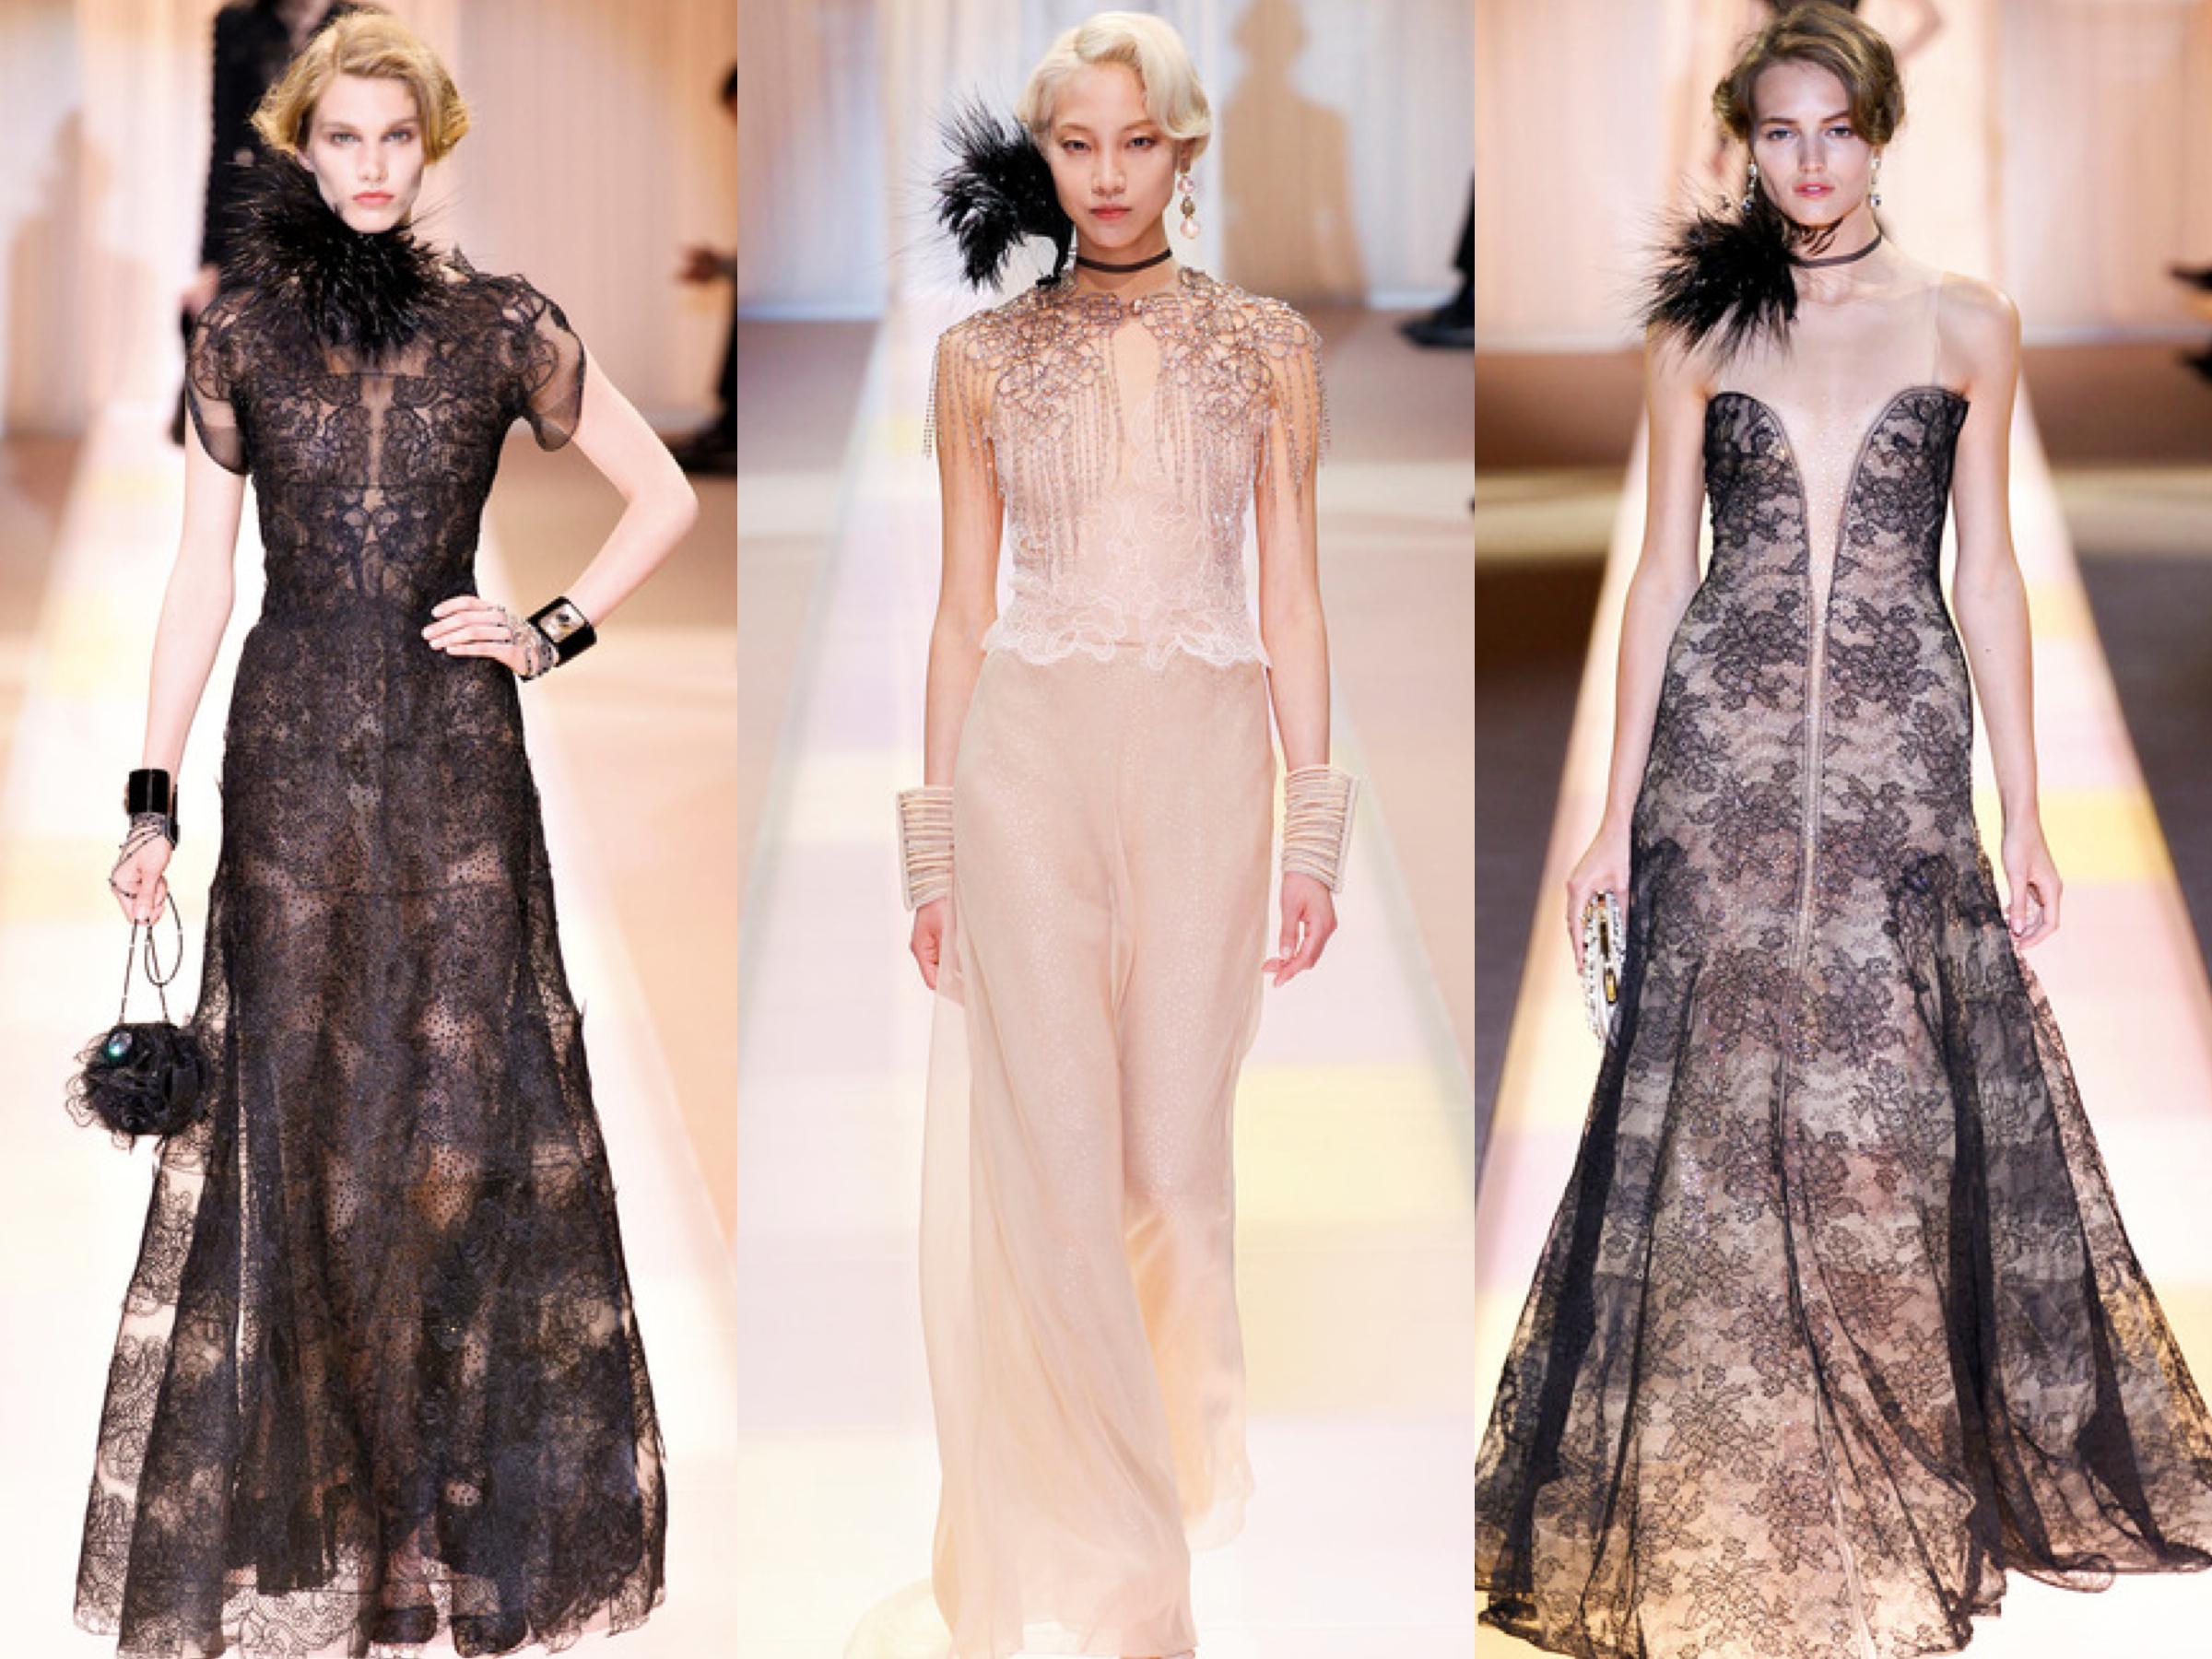 Armani Privé Fall Couture Collage 2